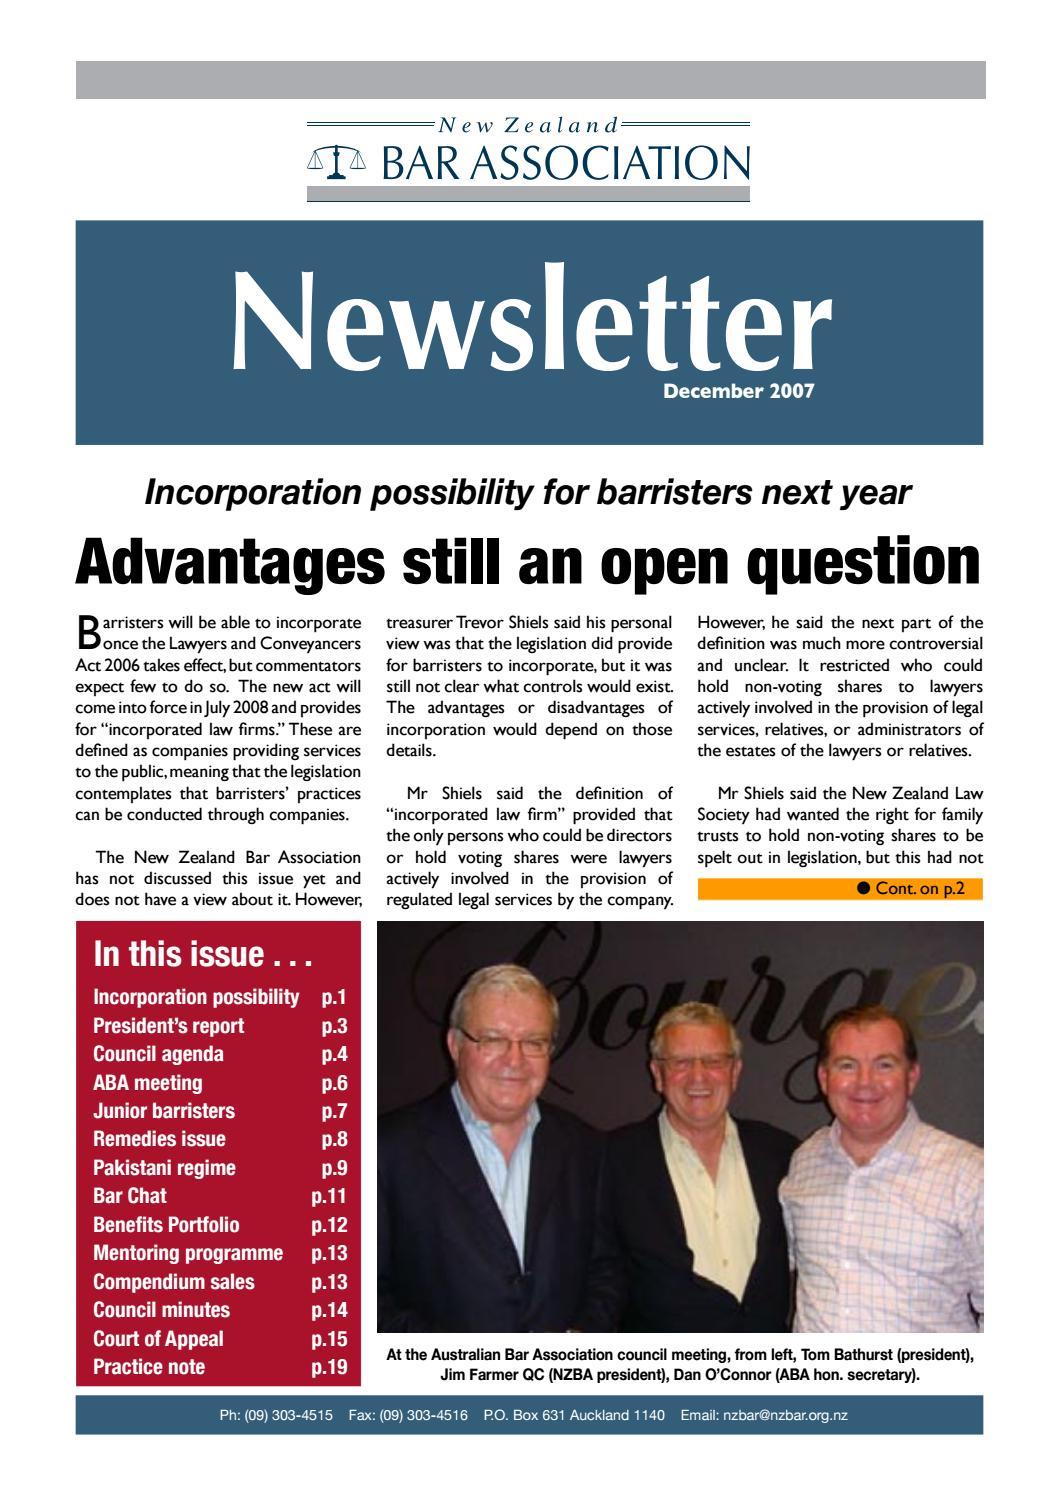 NZBA Newsletter December 2007 By New Zealand Bar Association